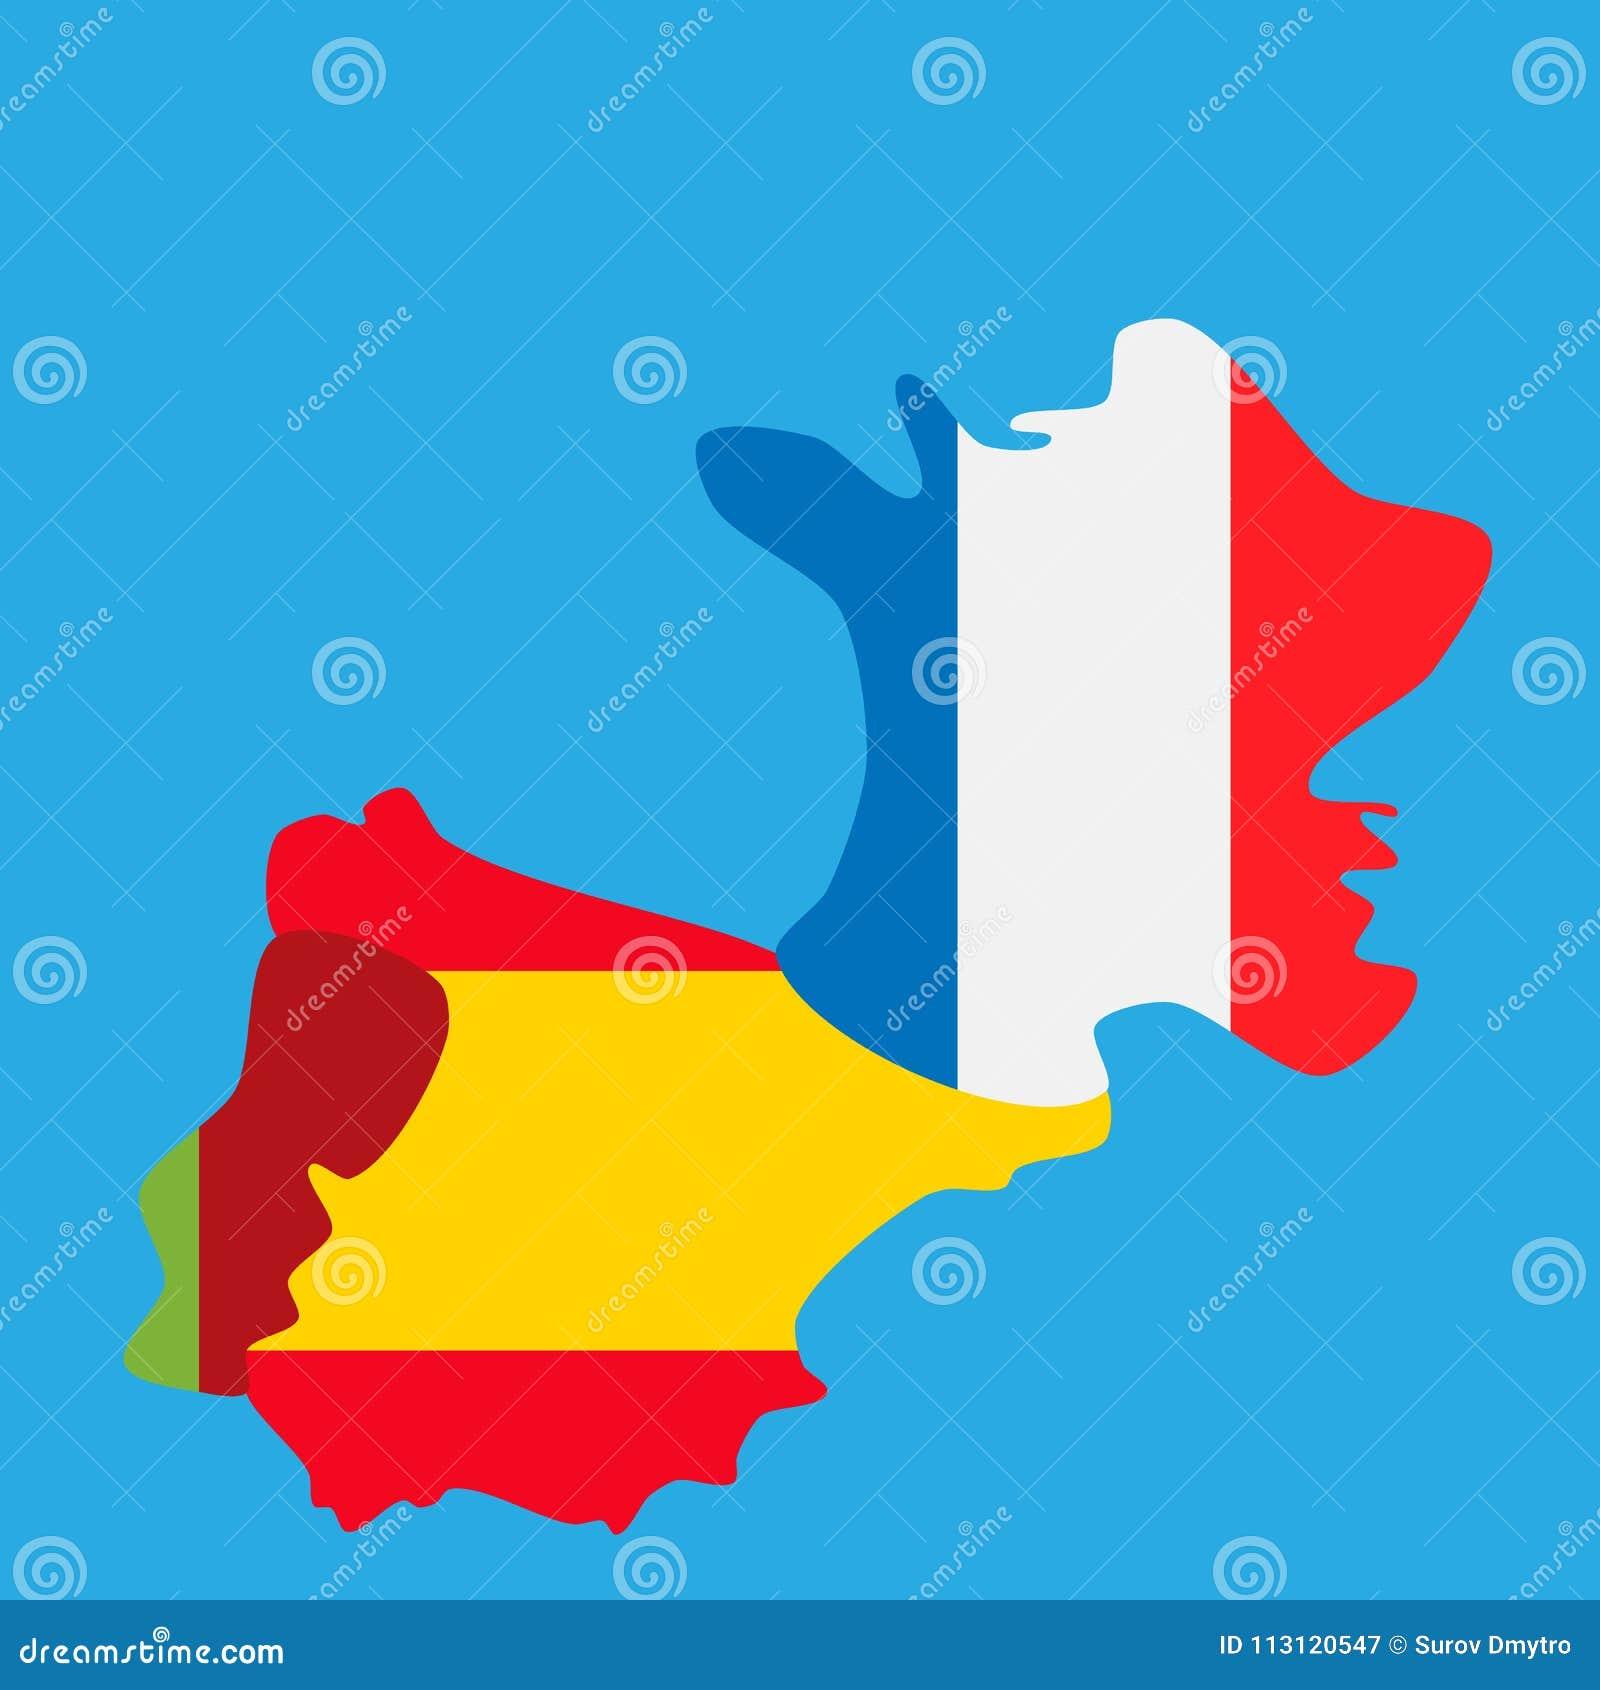 Kaart Frankrijk Staatkundig 767 Kaarten En Atlassen Nl